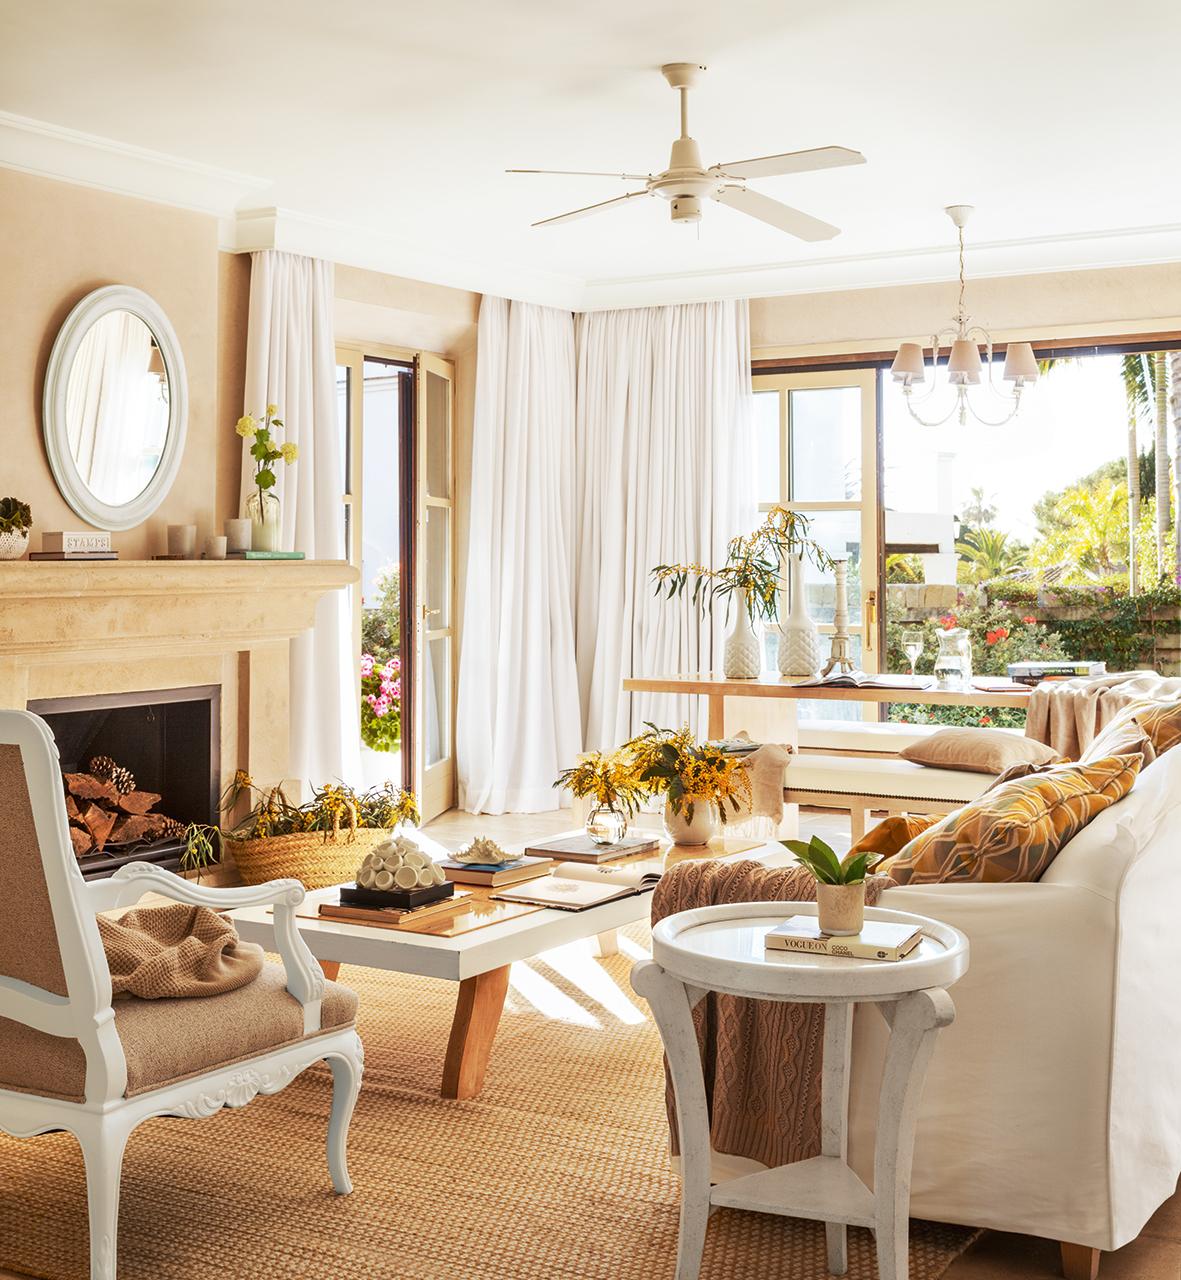 Un cortijo de lujo en marbella for Muebles para decorar living